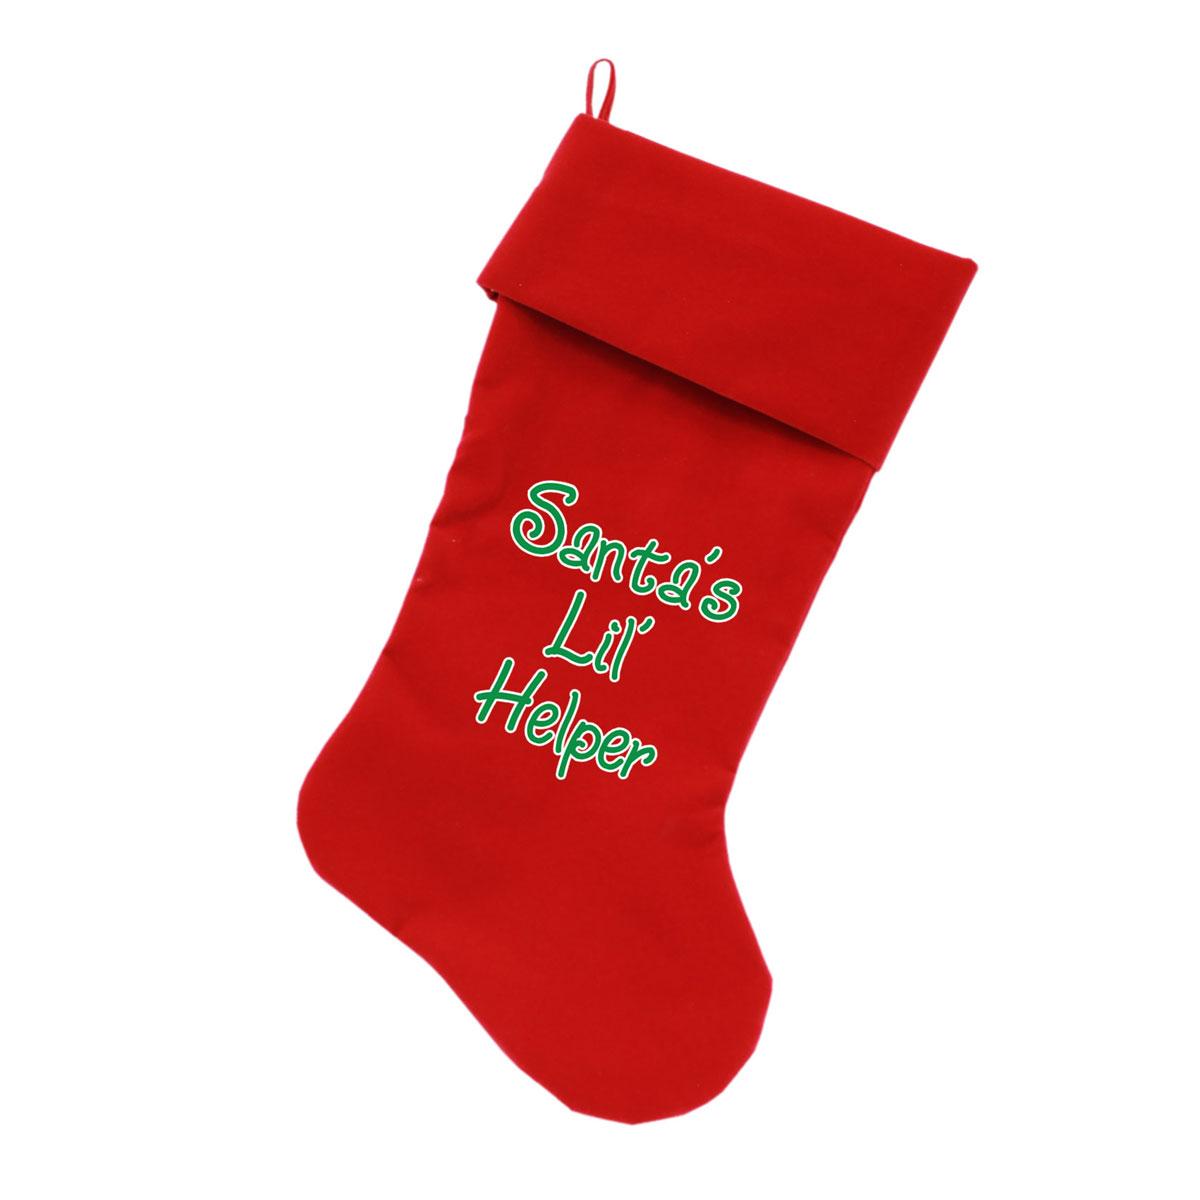 Santa's Lil Helper Velvet Dog Stocking - Red